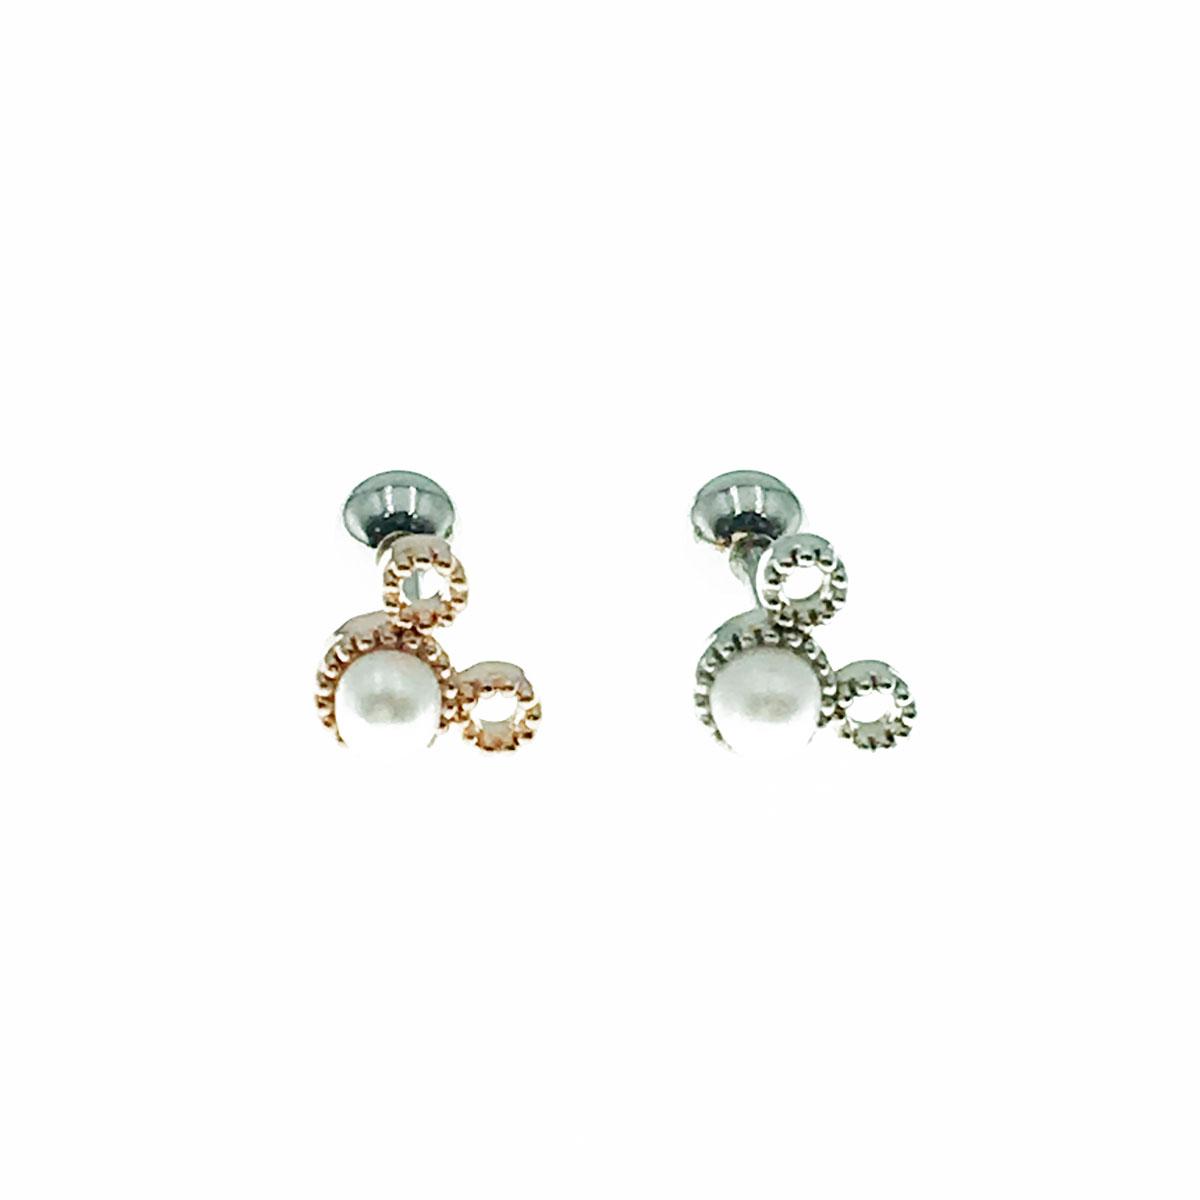 韓國 迪士尼 珍珠 簡約 米奇頭 單顆 兩色 耳針式 耳環